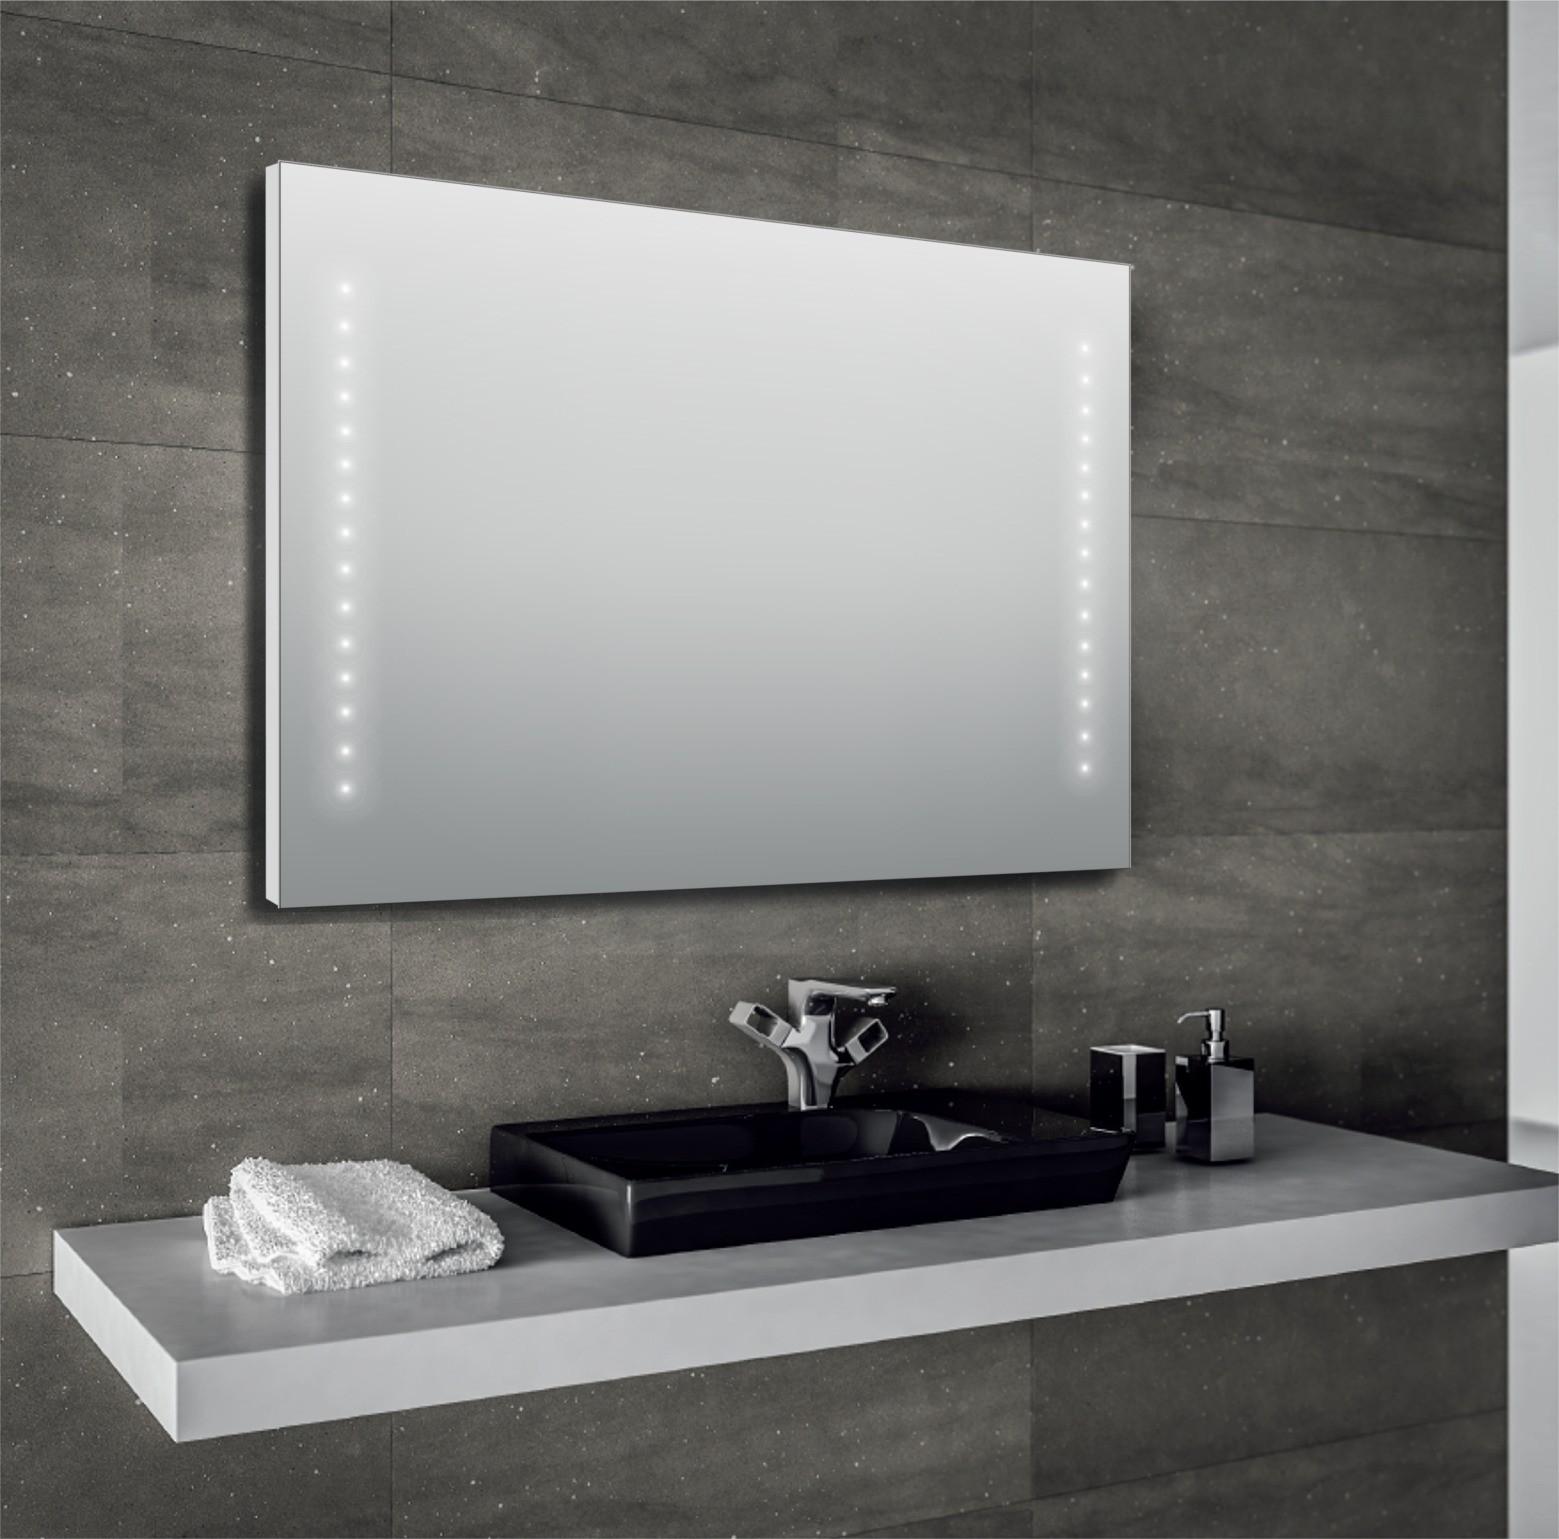 Mobile con tavolo estraibile ikea - Specchio da tavolo ikea ...